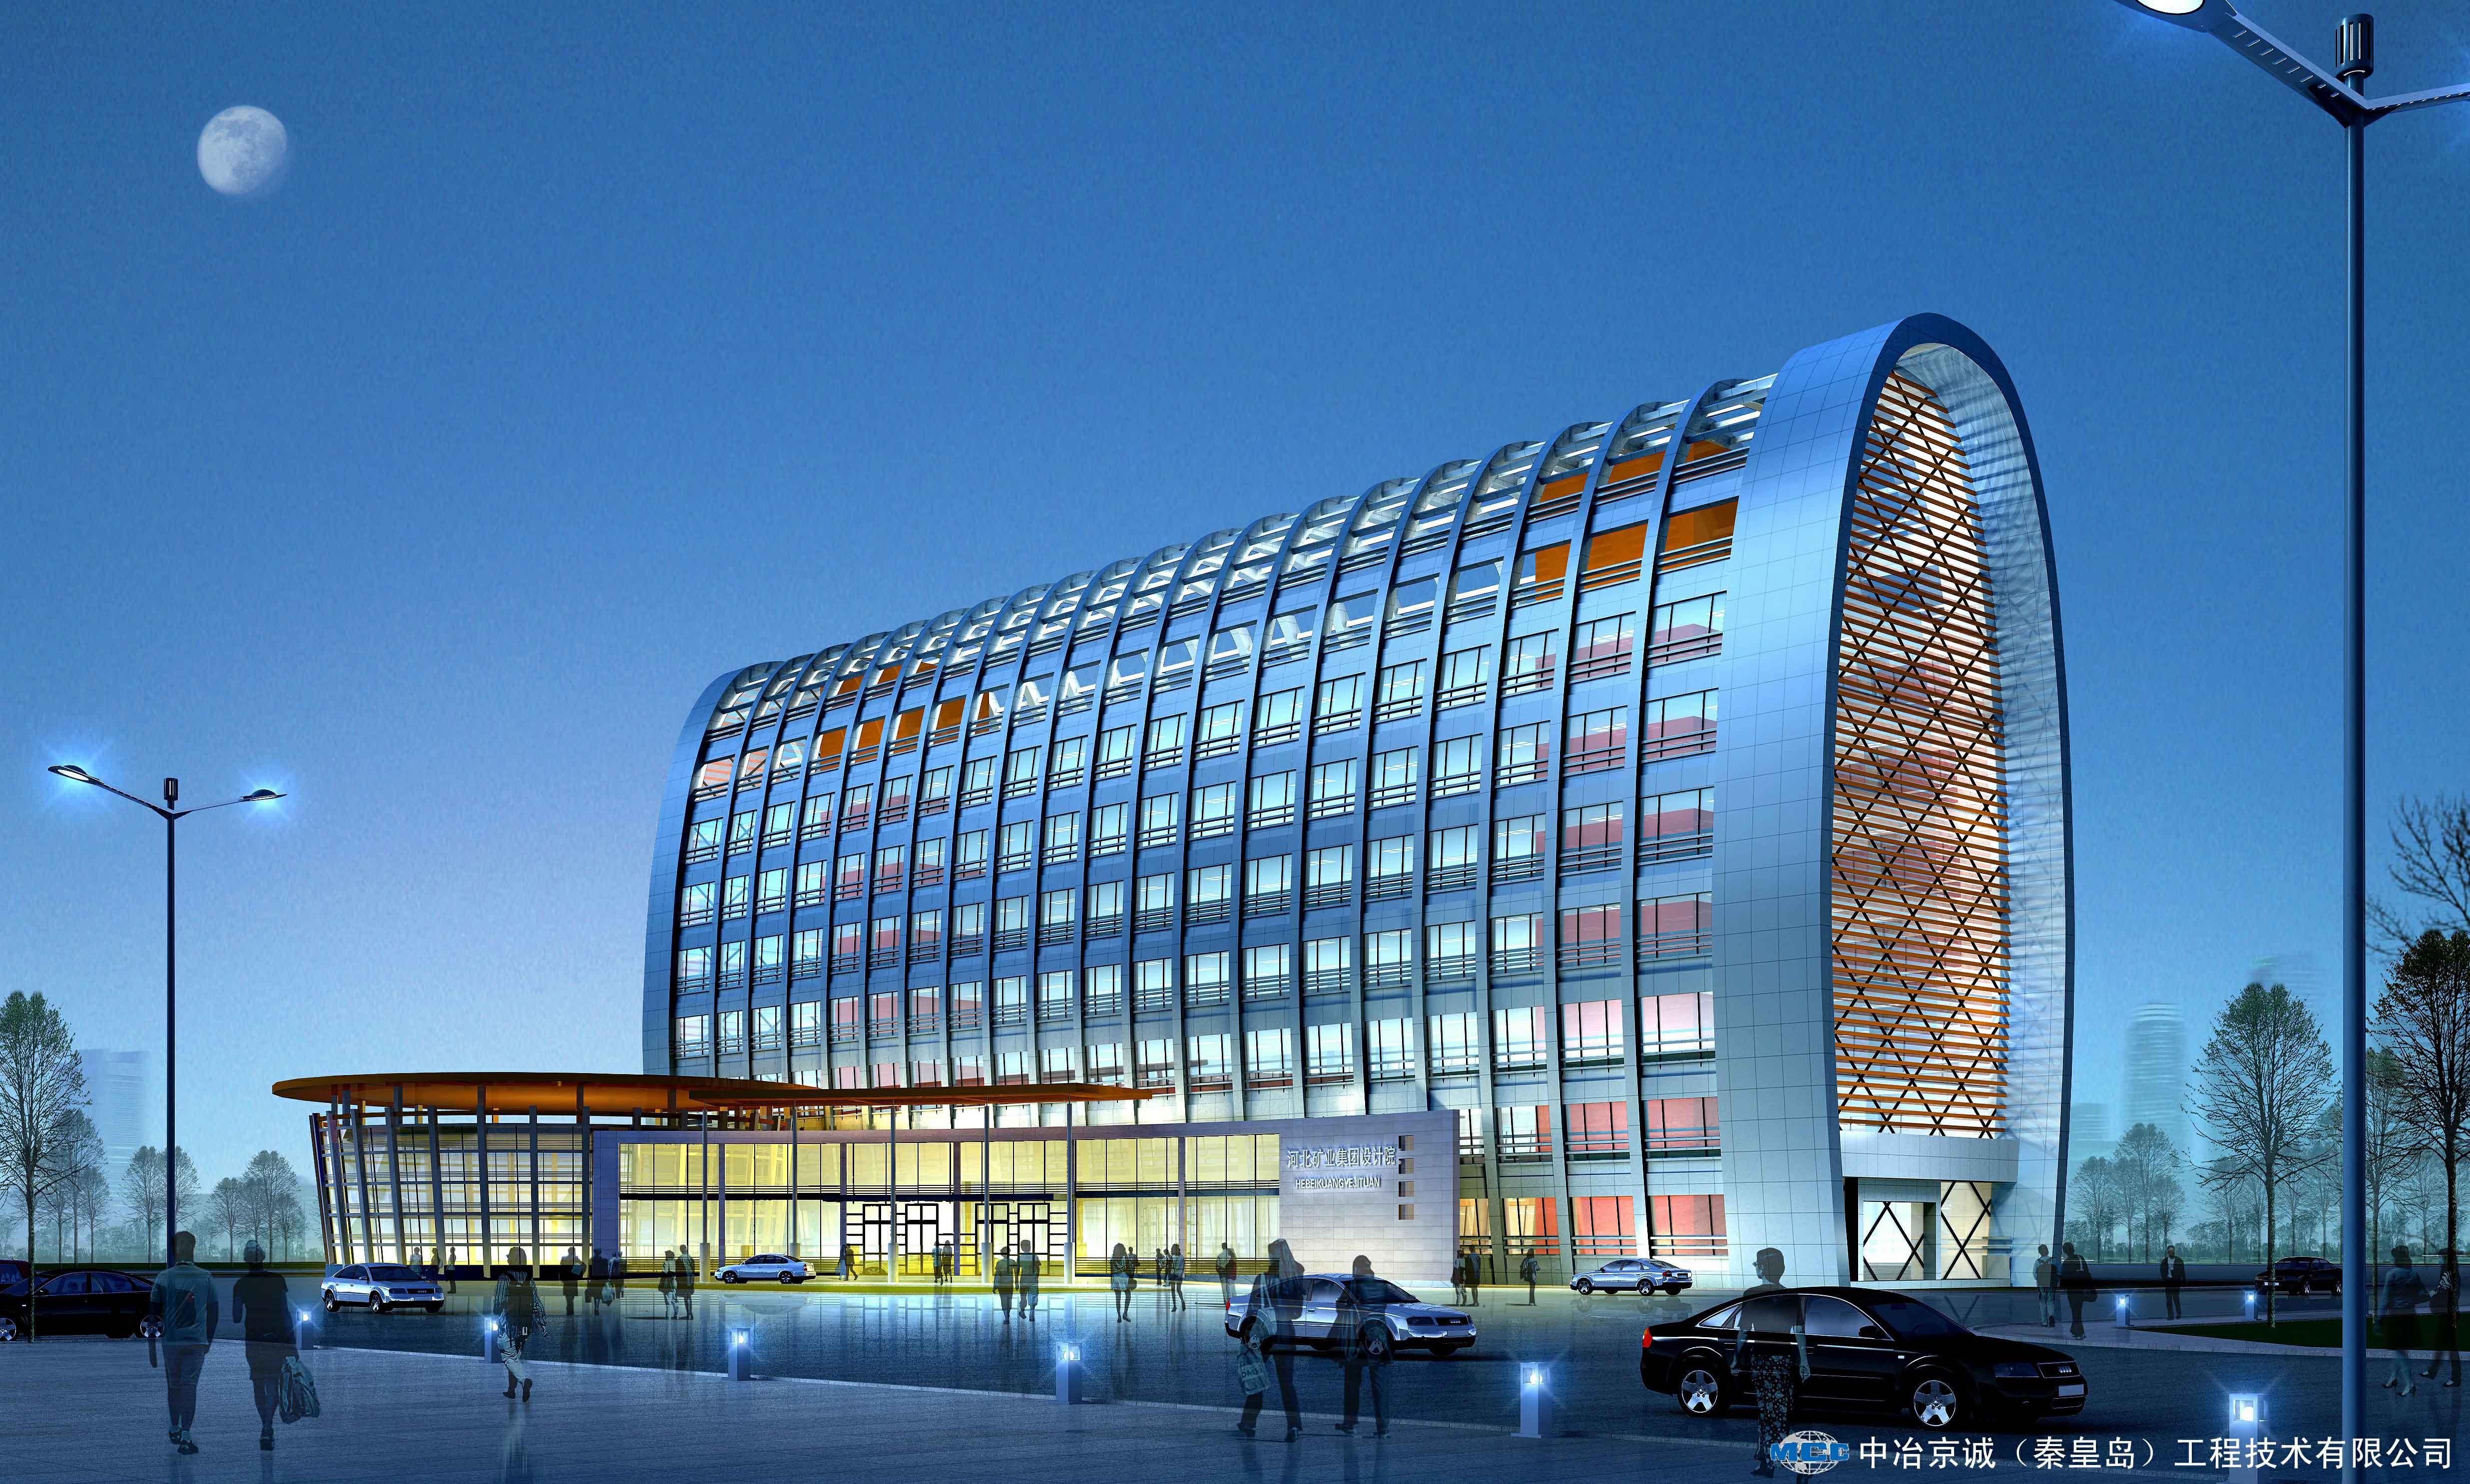 河北鋼鐵集團礦業公司設計院